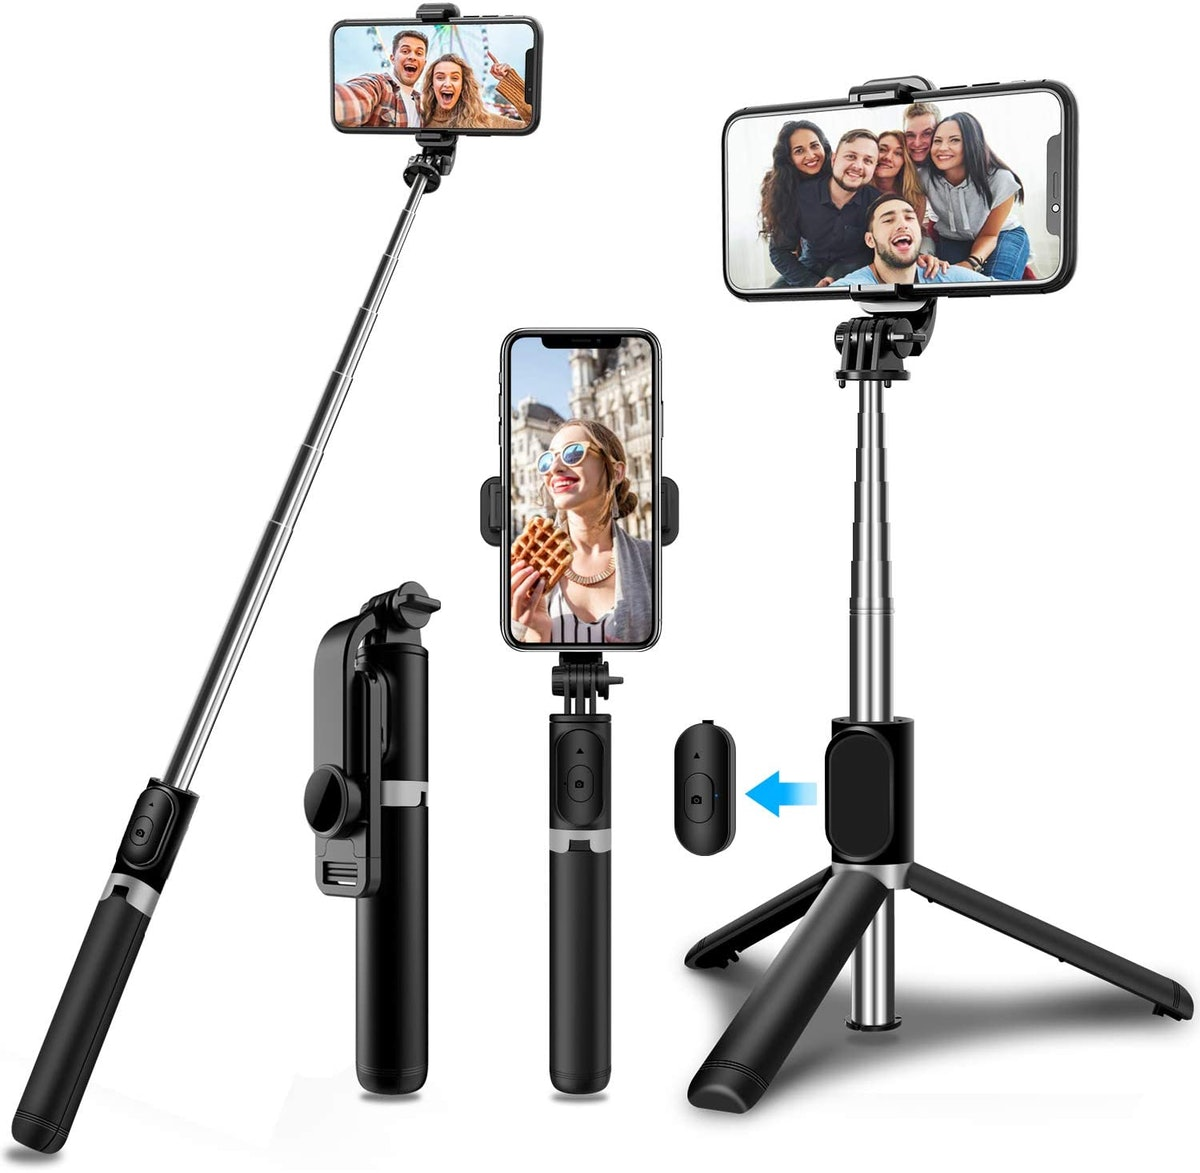 An array of selfie sticks